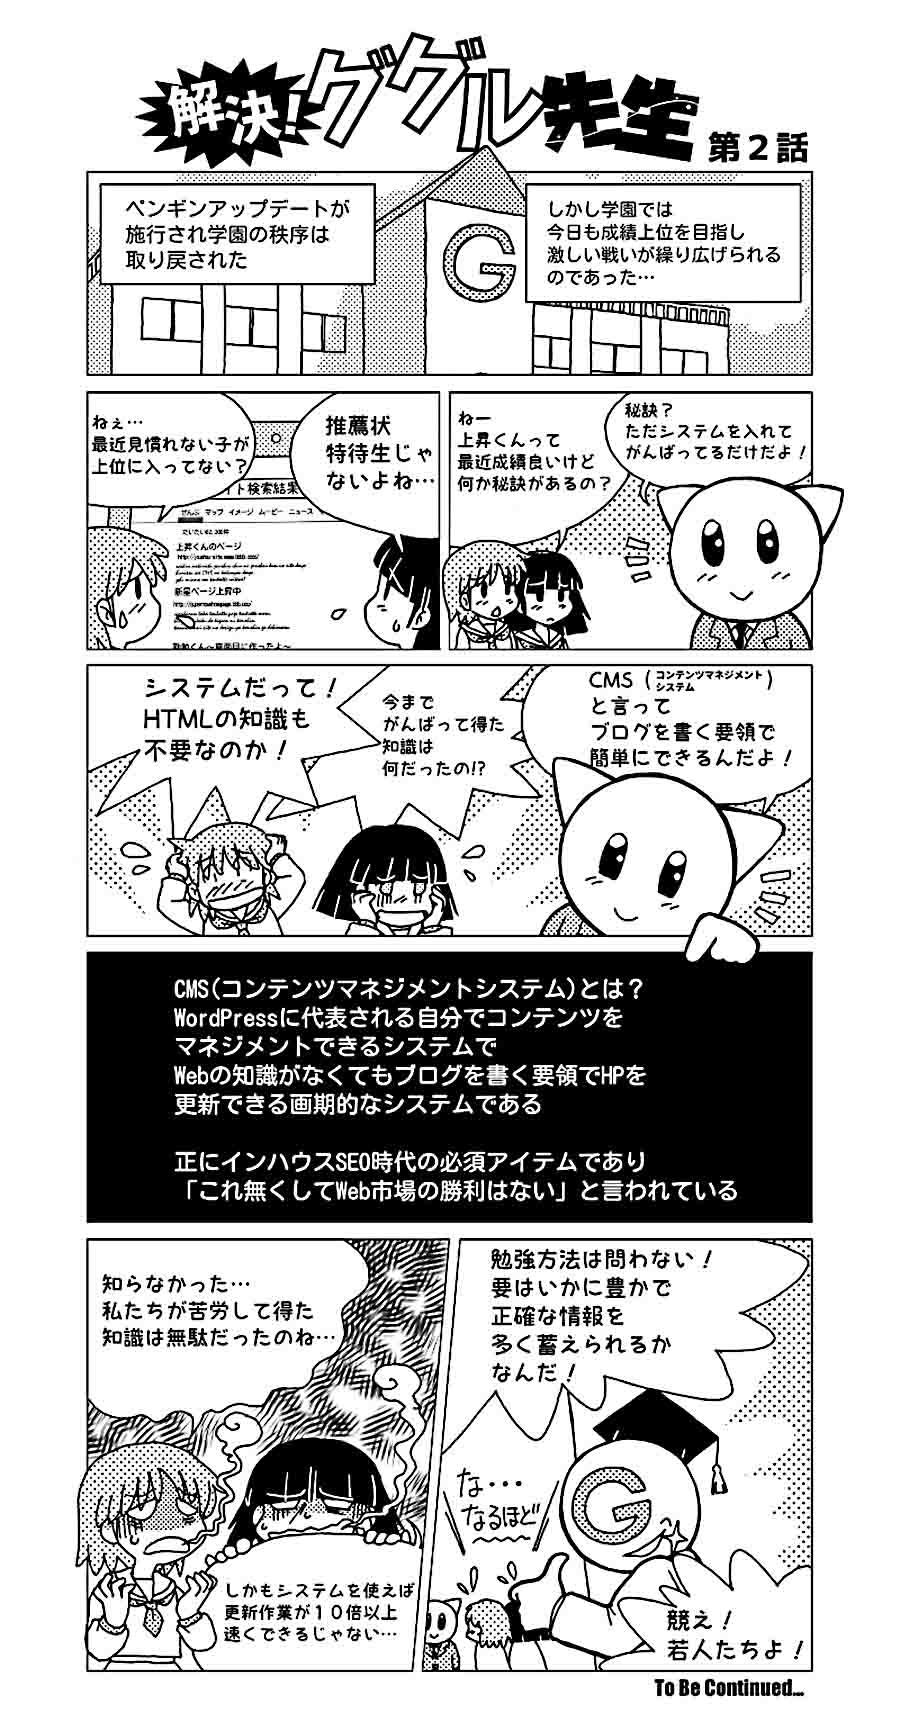 解決ググル先生第二話 【CMSの使い手上昇君登場】